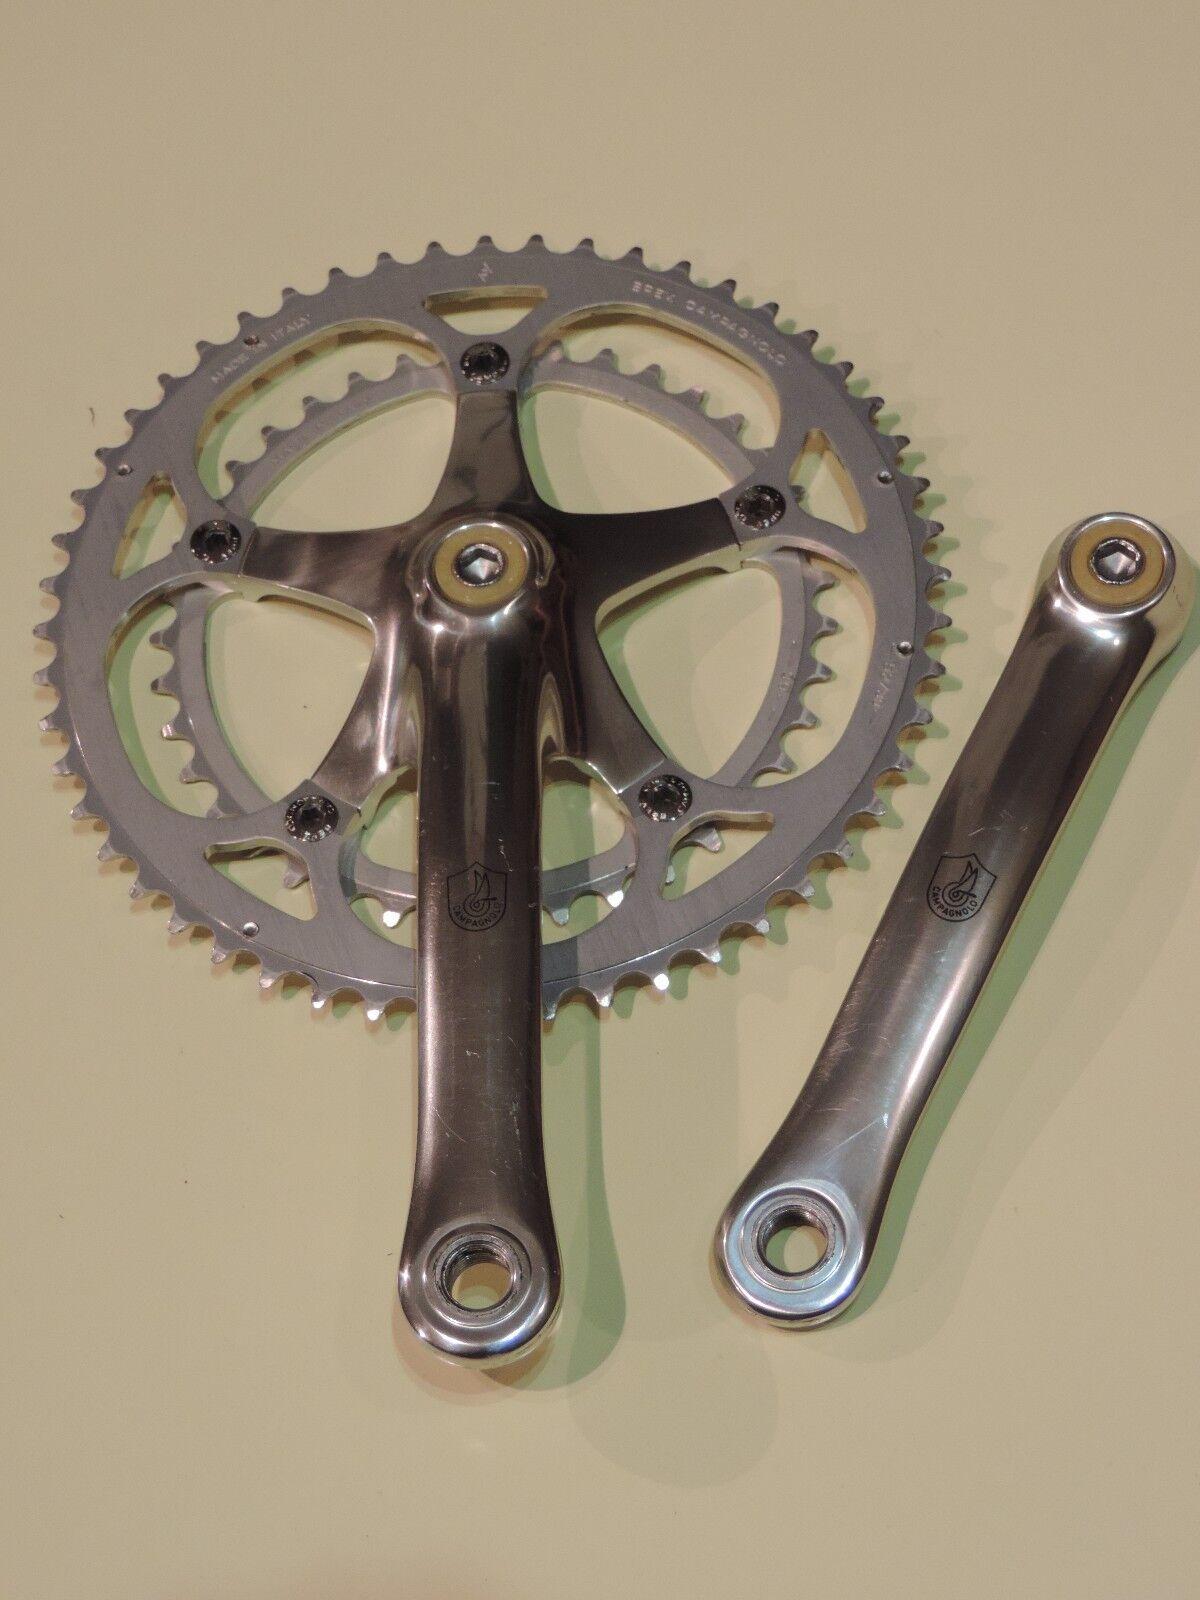 Vintage Campagnolo Chorus Bielas 172.5mm 53-39T Bicicleta de carreras de carretera cono Square